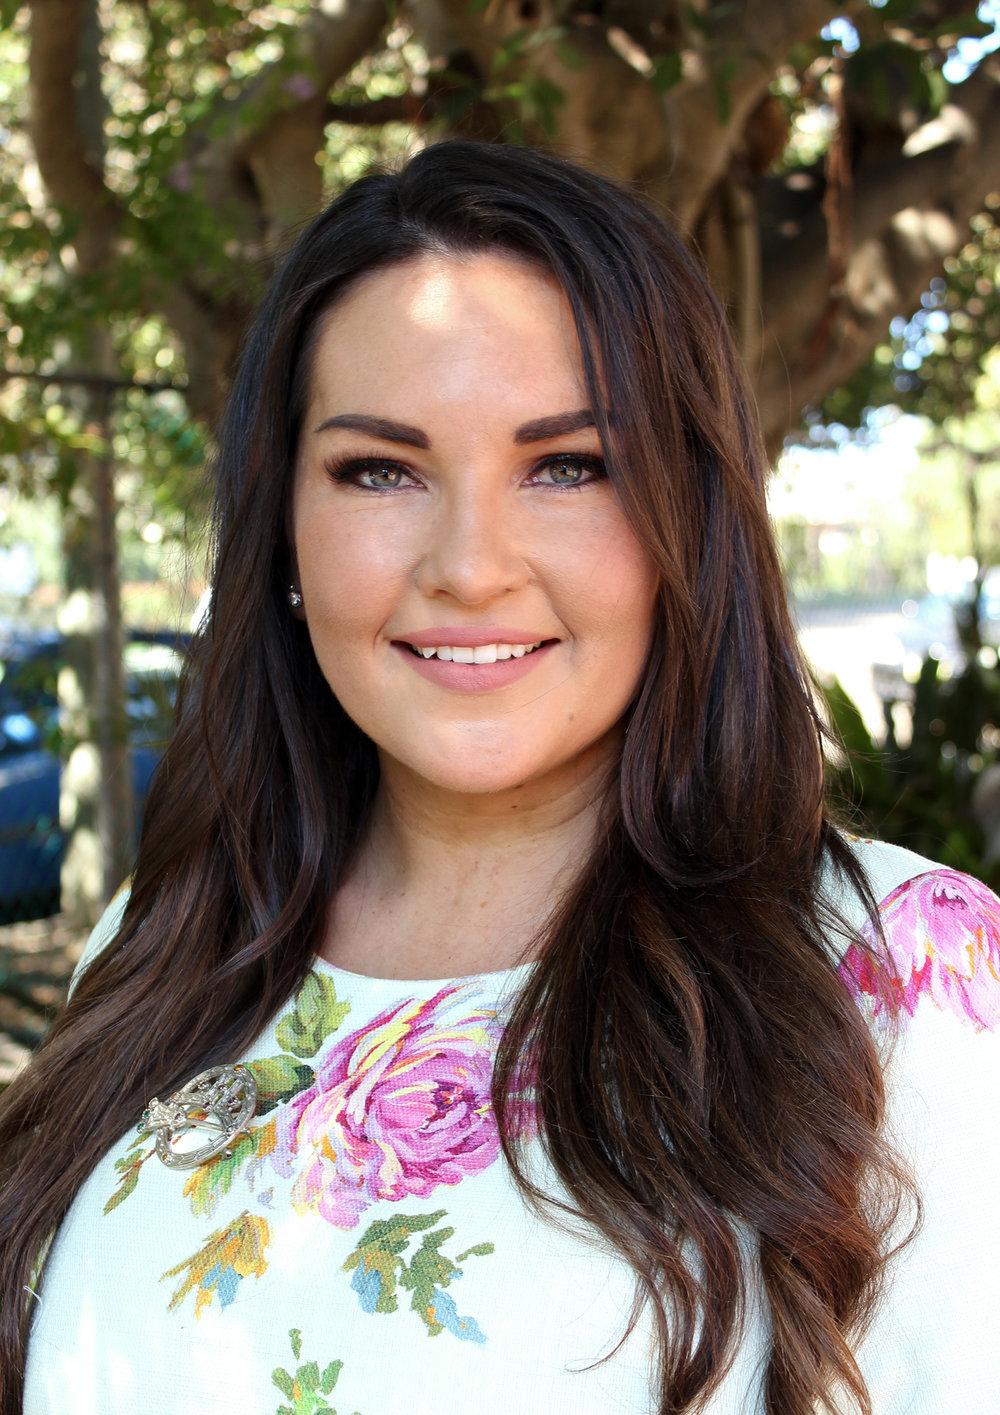 Caitlin Macinante